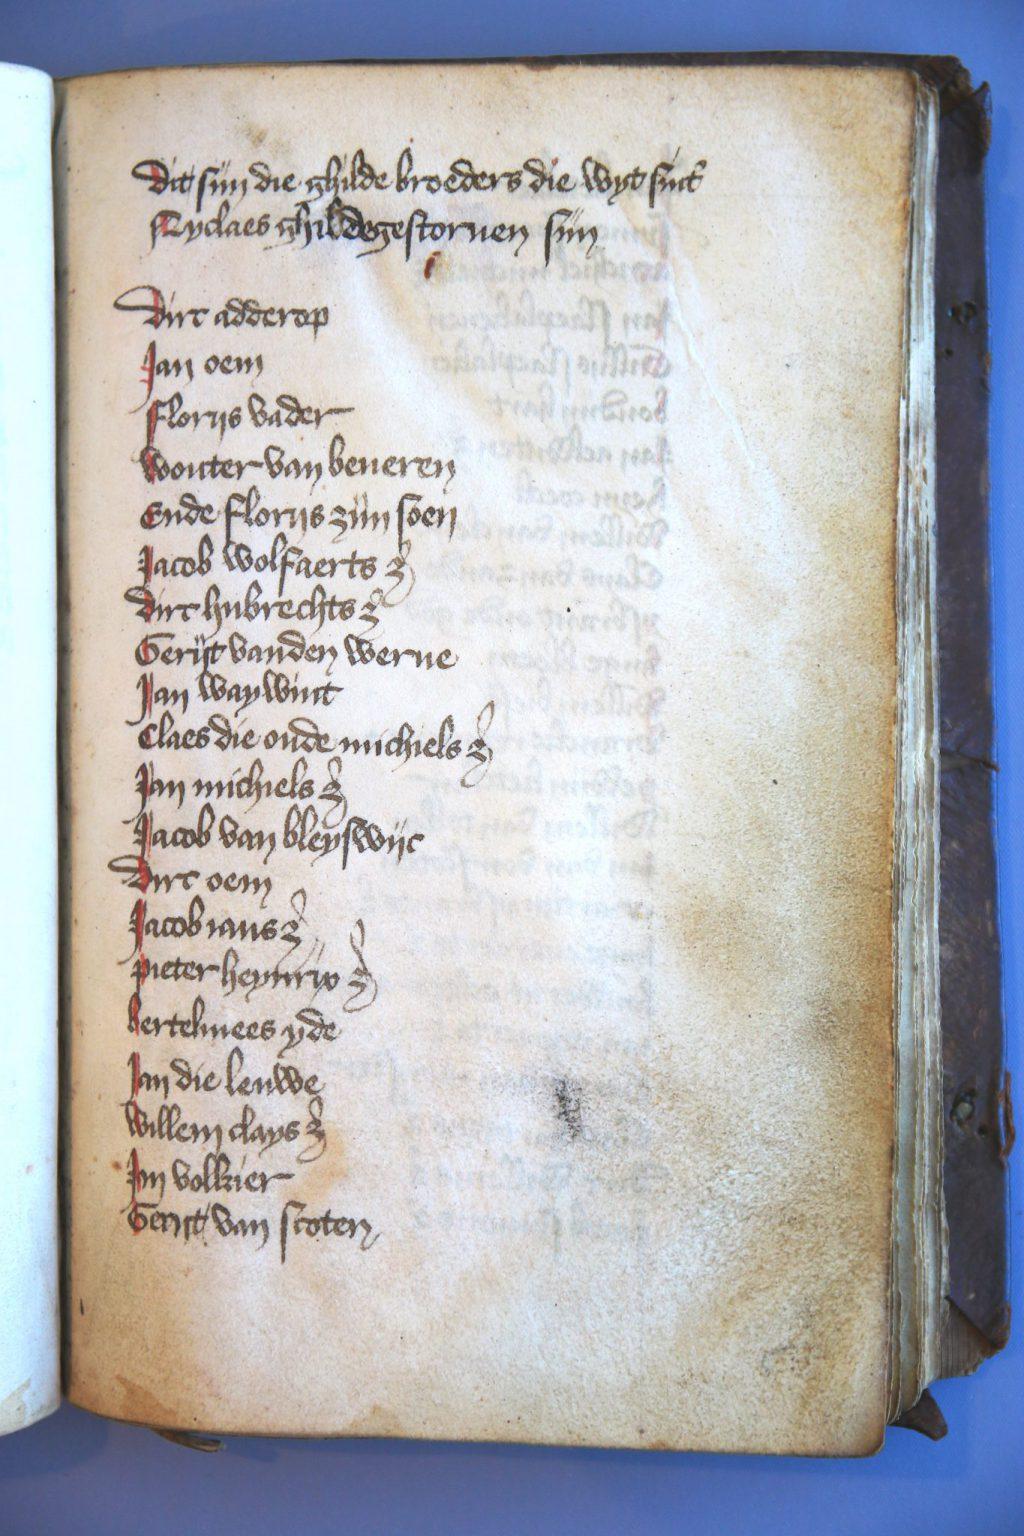 Archief 229 inv.nr 317 Gildeboek van het Sint-Nicolaasgilde, omstreeks 1450 (Archief 229, inv.nr 317)